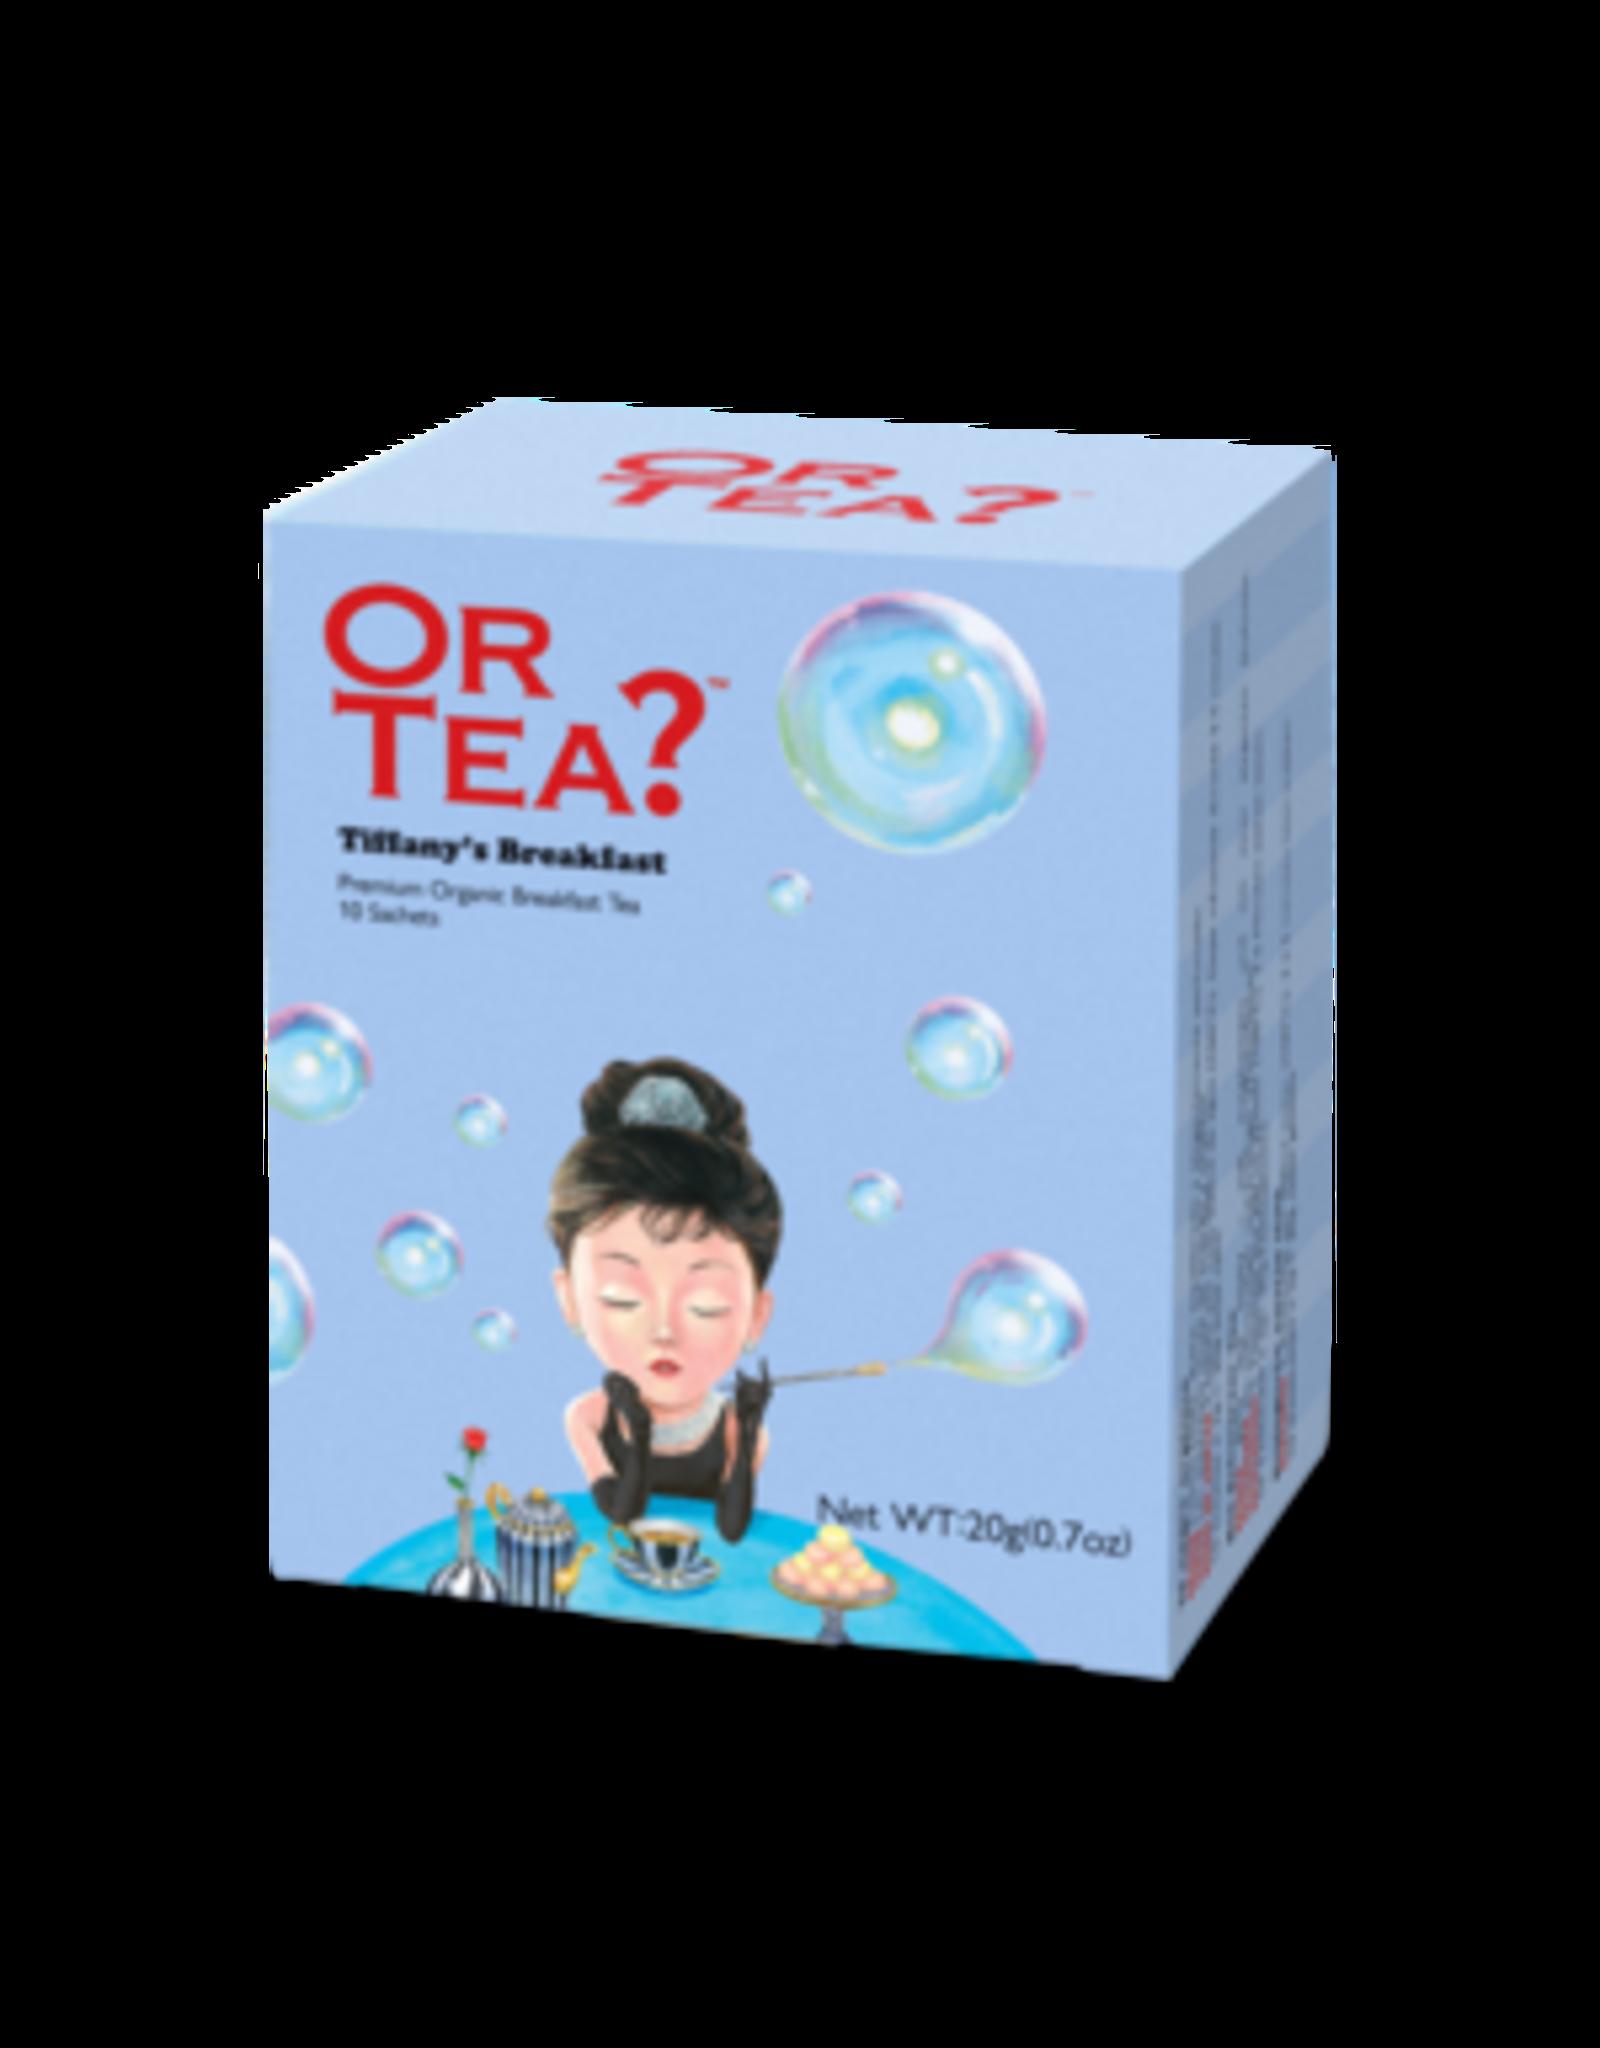 Or Tea? Tiffany's Breakfast BIO - Theebuiltjes - 10 st